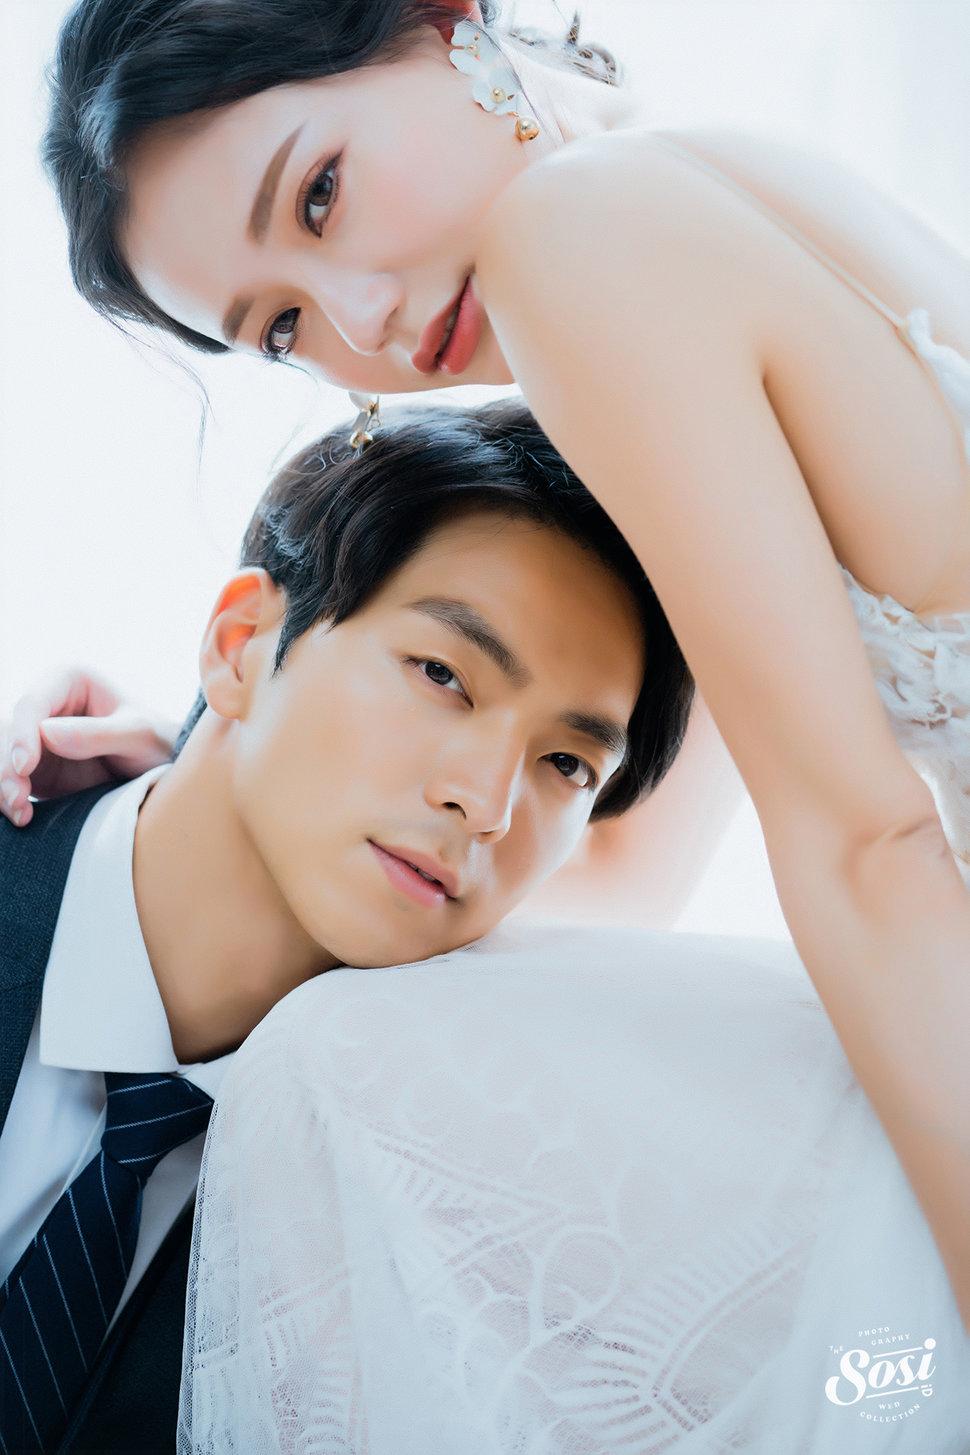 20191010-MT300078 - sosi喜喜婚禮《結婚吧》